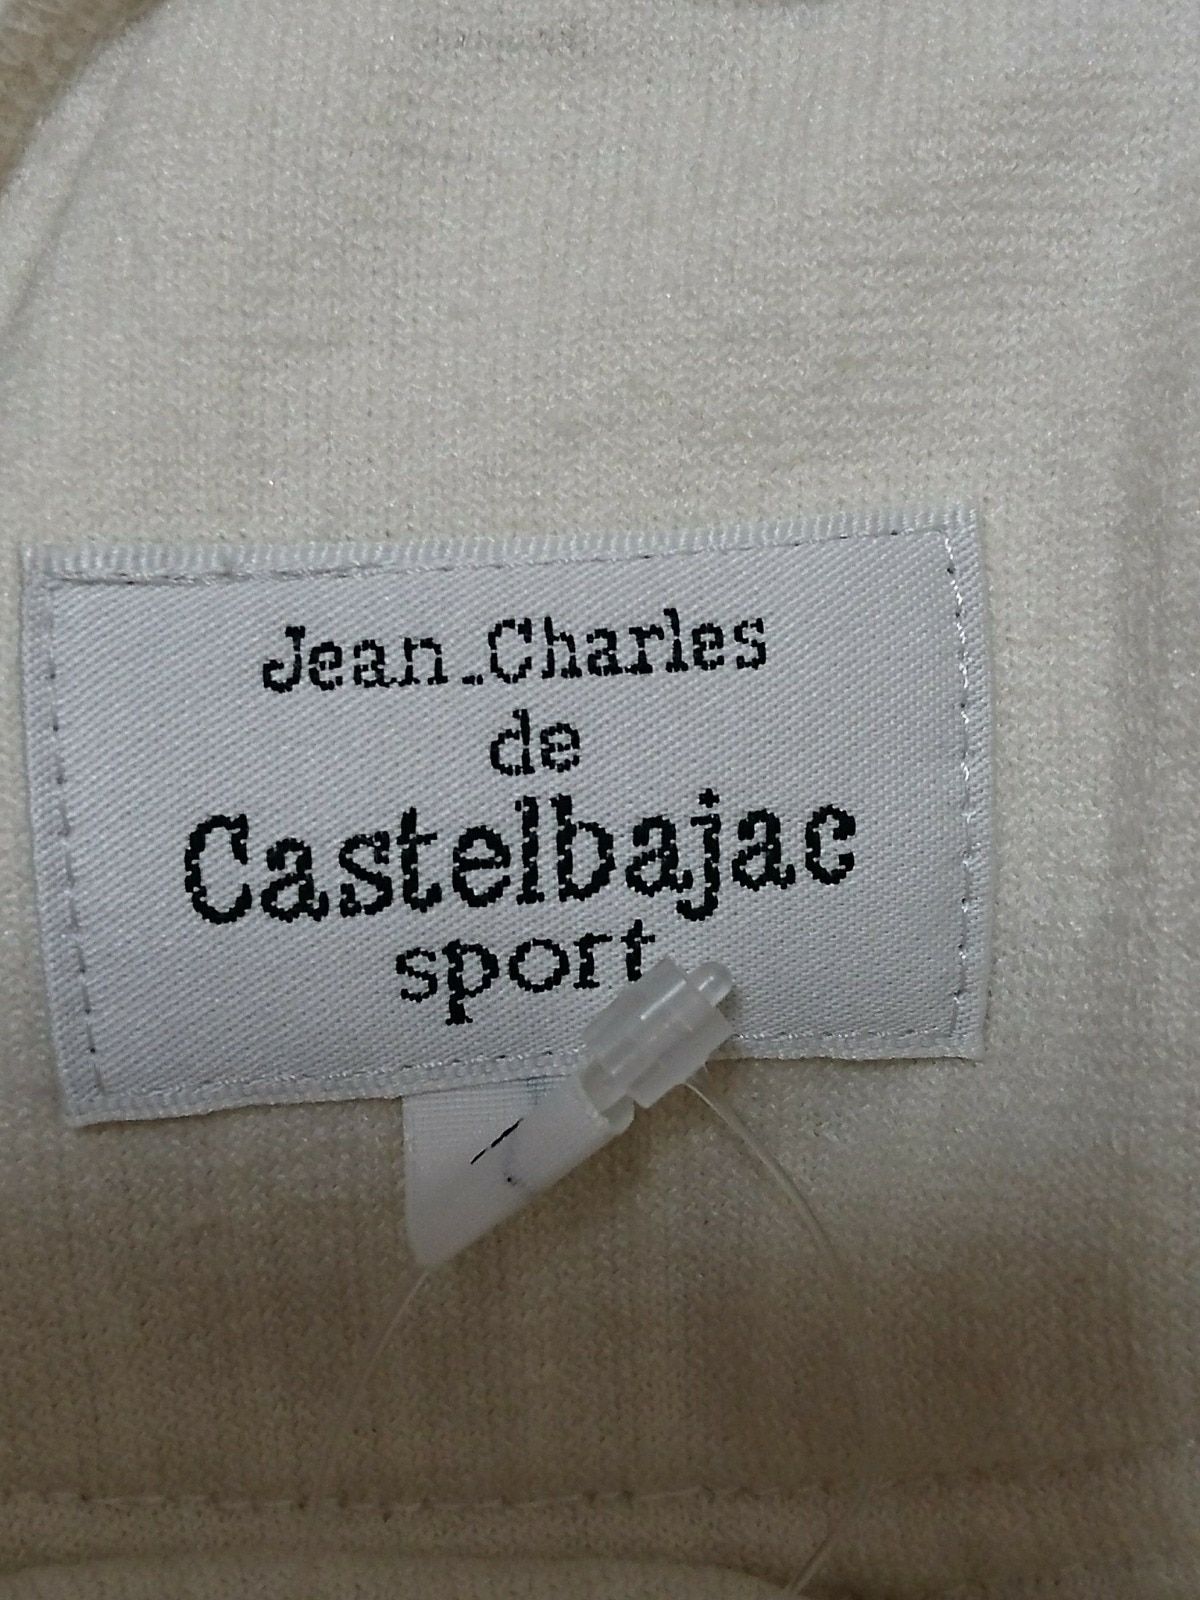 CastelbajacSport(カステルバジャックスポーツ)のカットソー